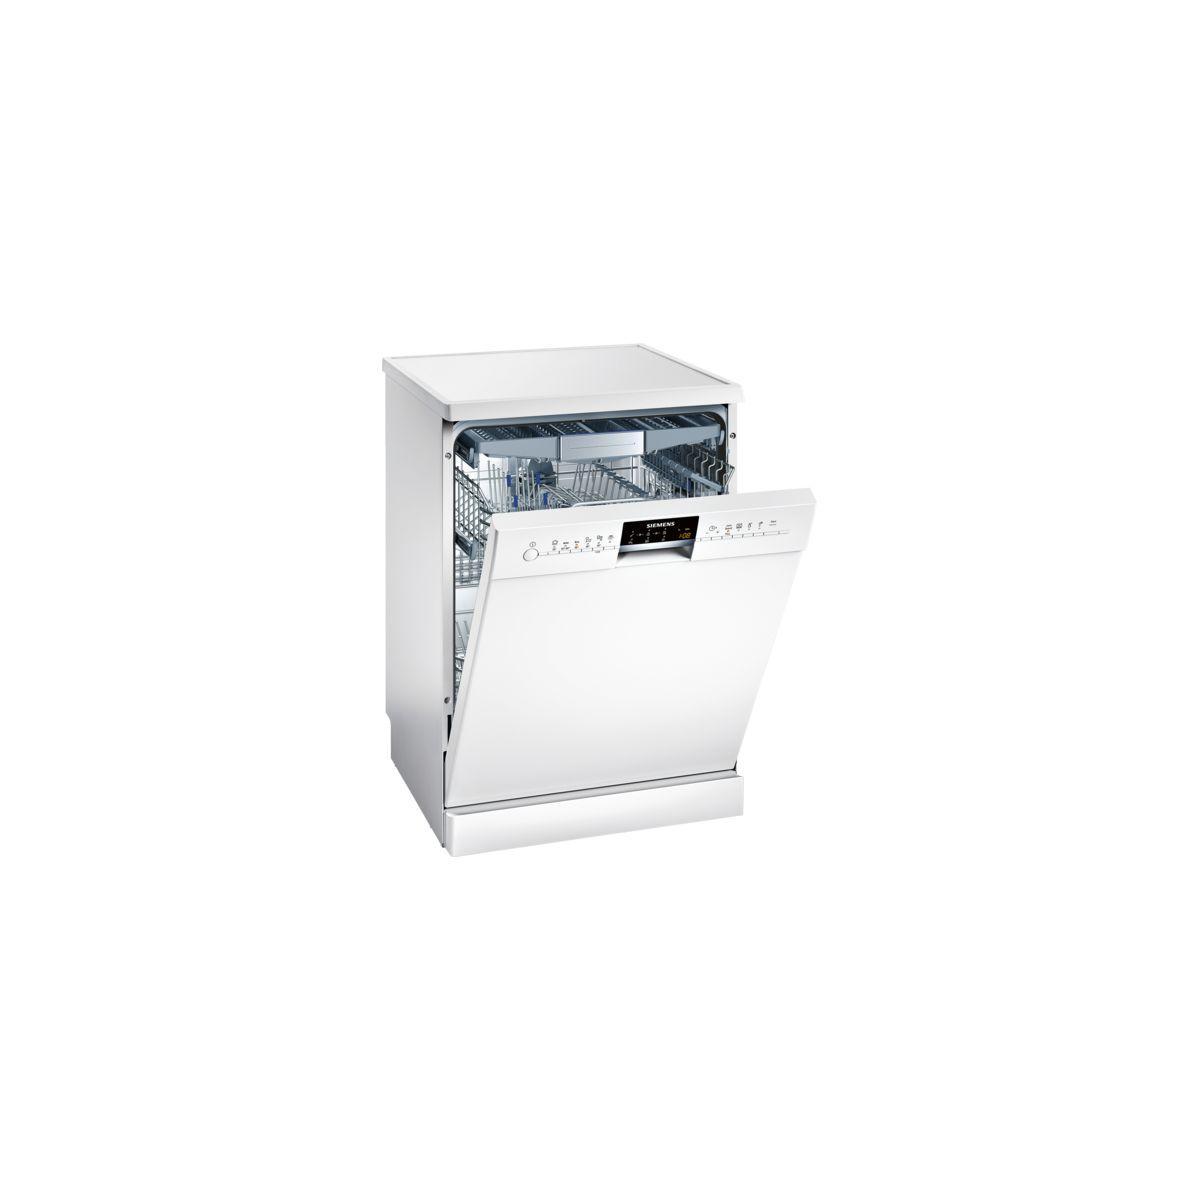 Lave vaisselle 60cm siemens sn26p292eu soldes et bonnes affaires à prix imbattables